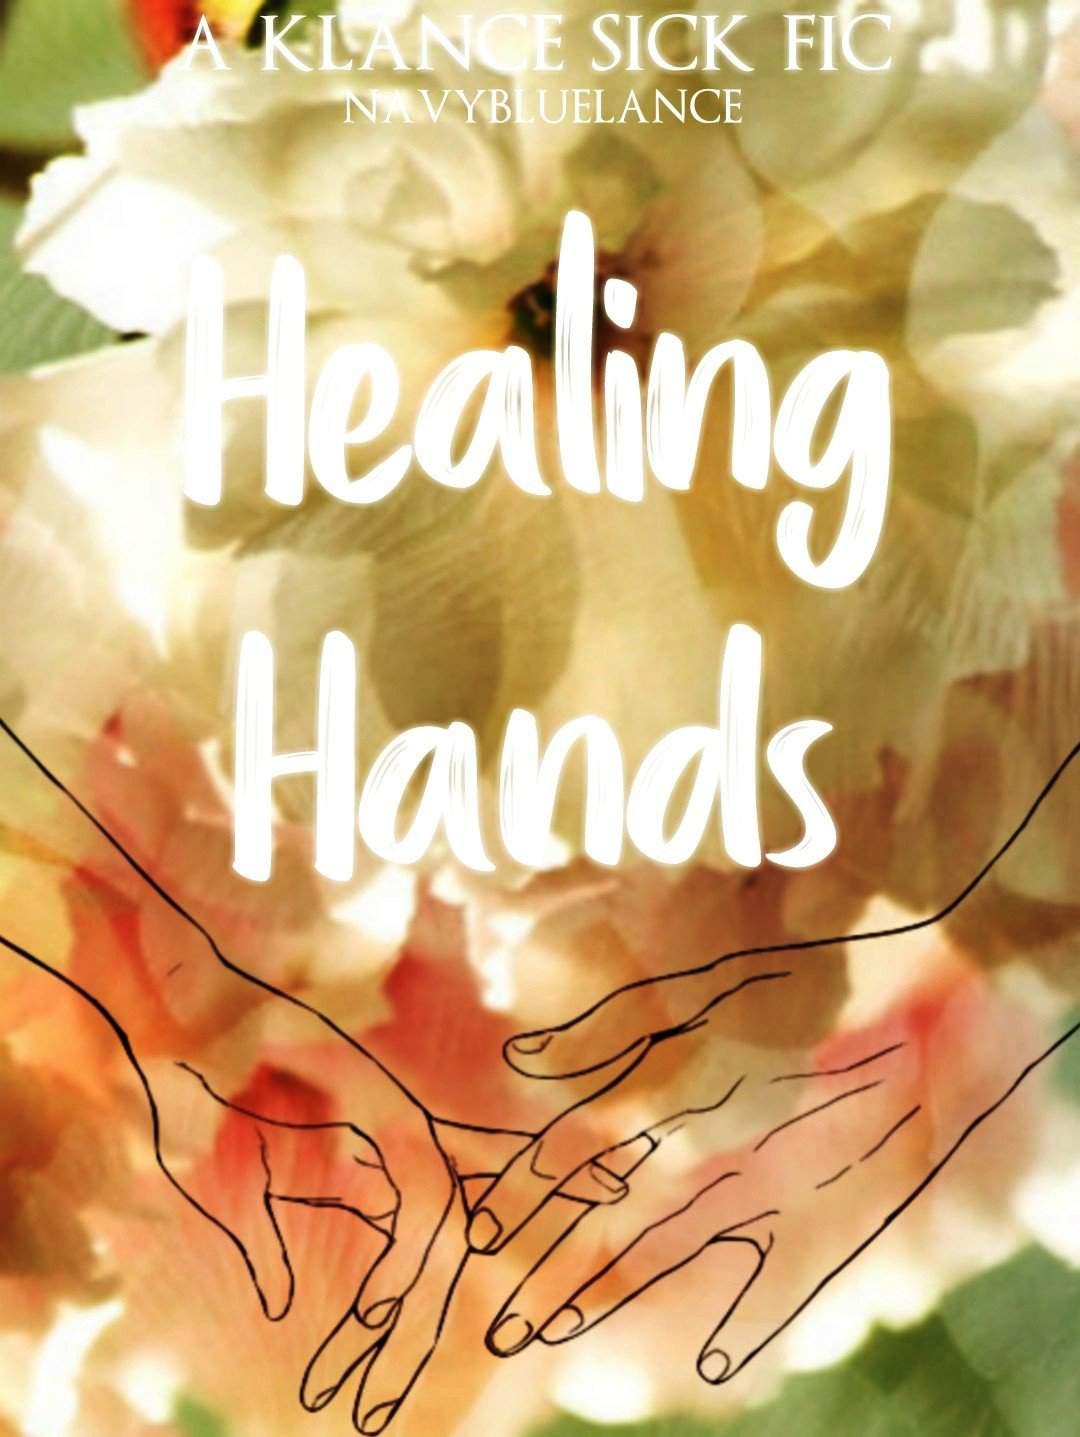 Healing Hands // klance sick fic | Voltron Amino